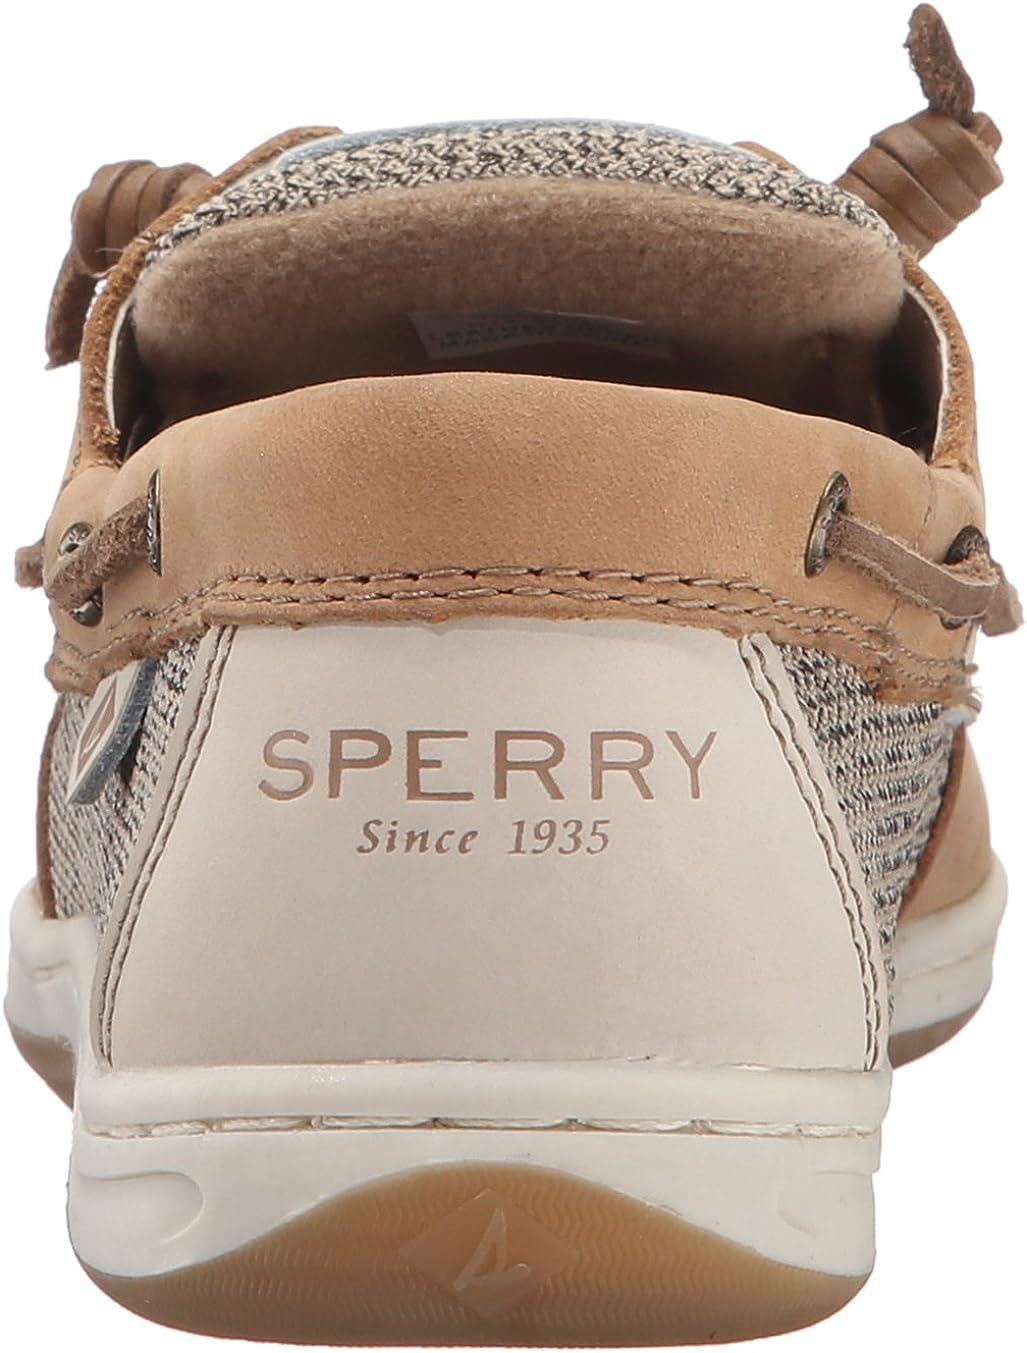 Sperry Kids Yg56151 Boat Shoe